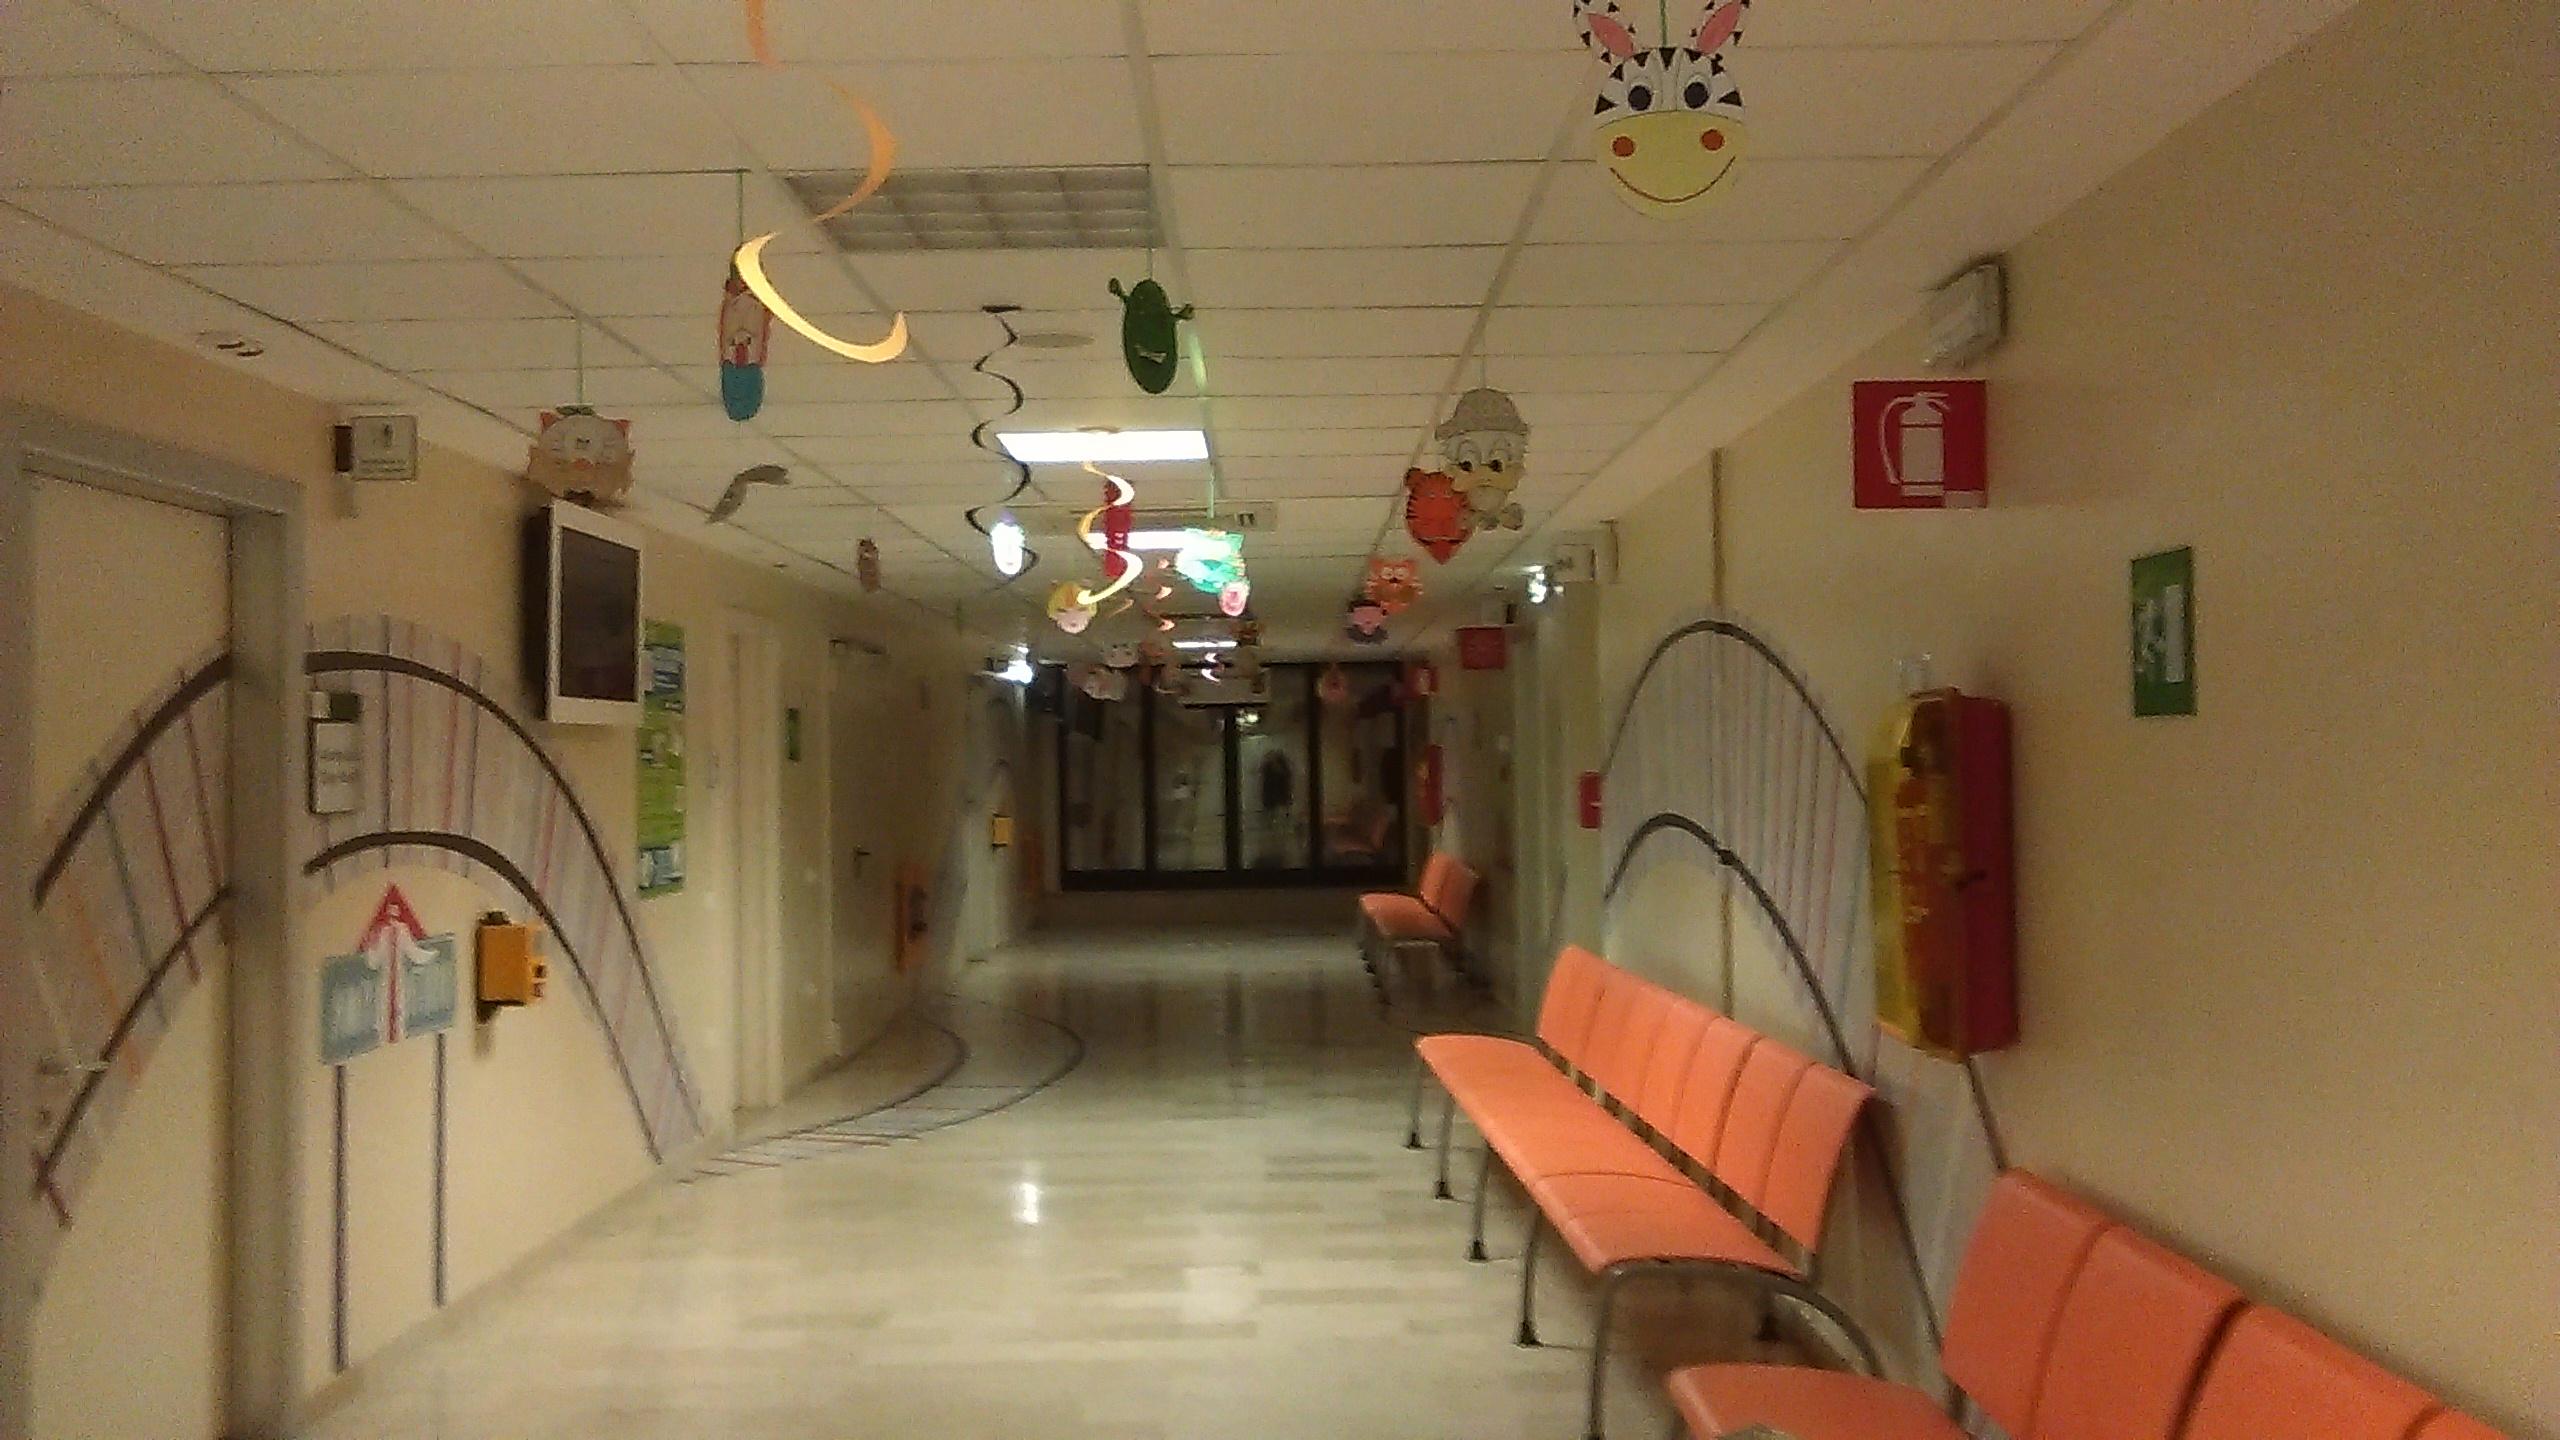 hol-spital-rizzoli